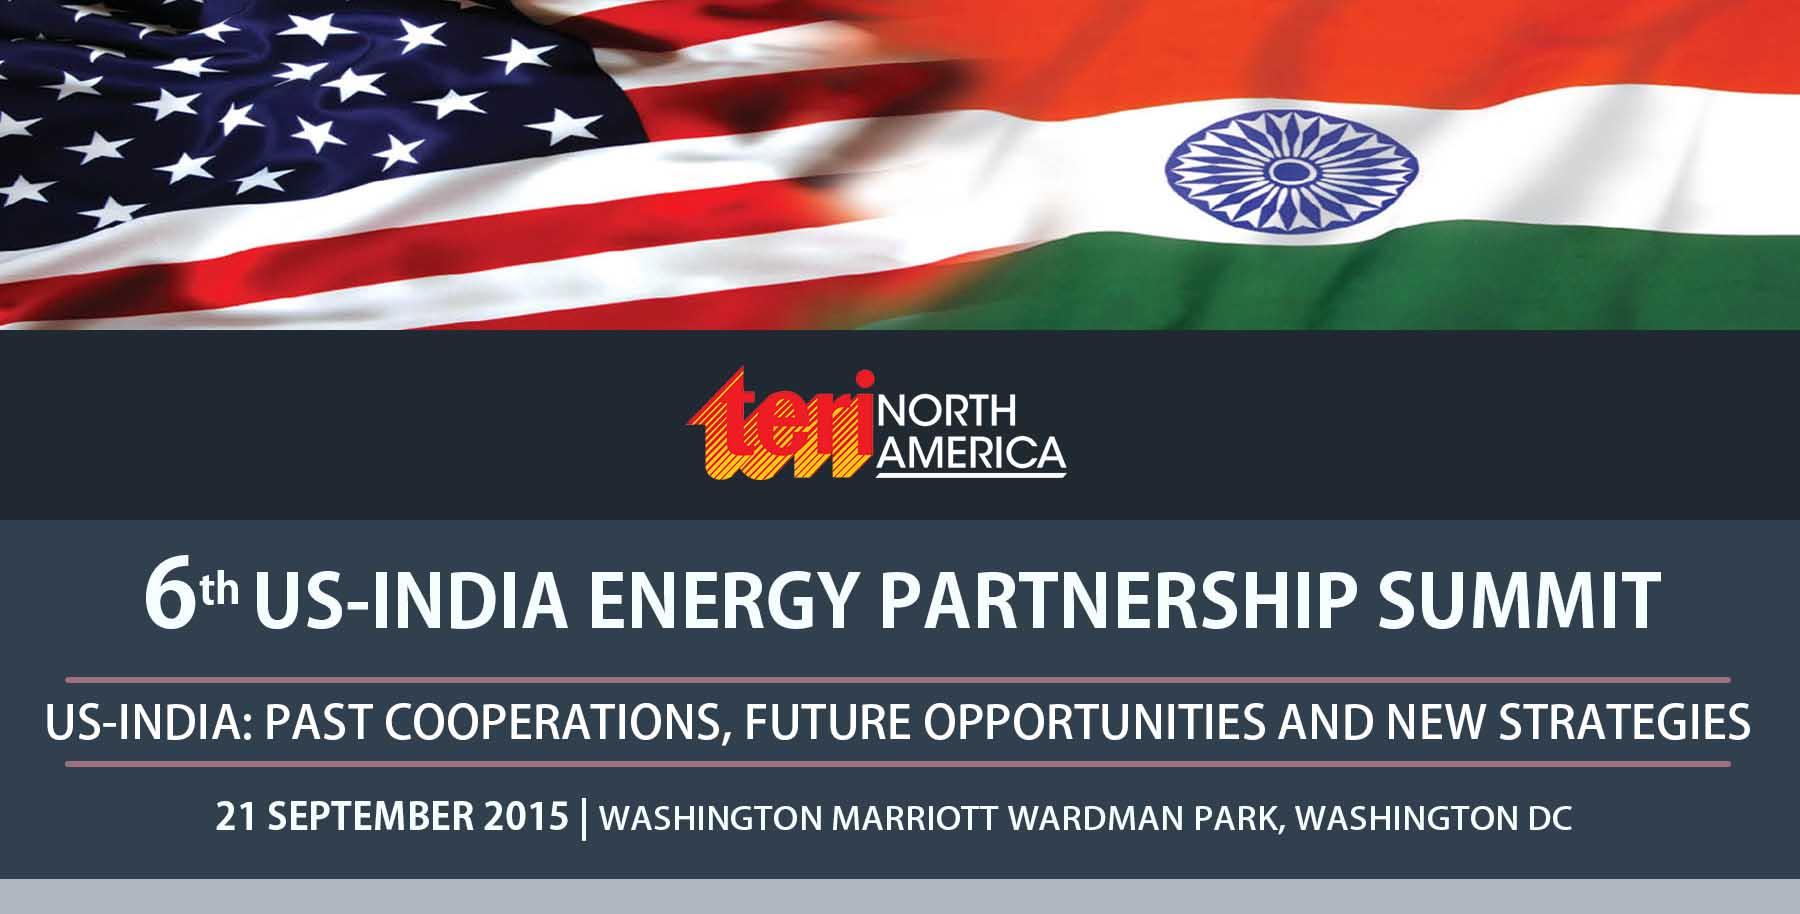 US-India Energy Partnership Summit 2015